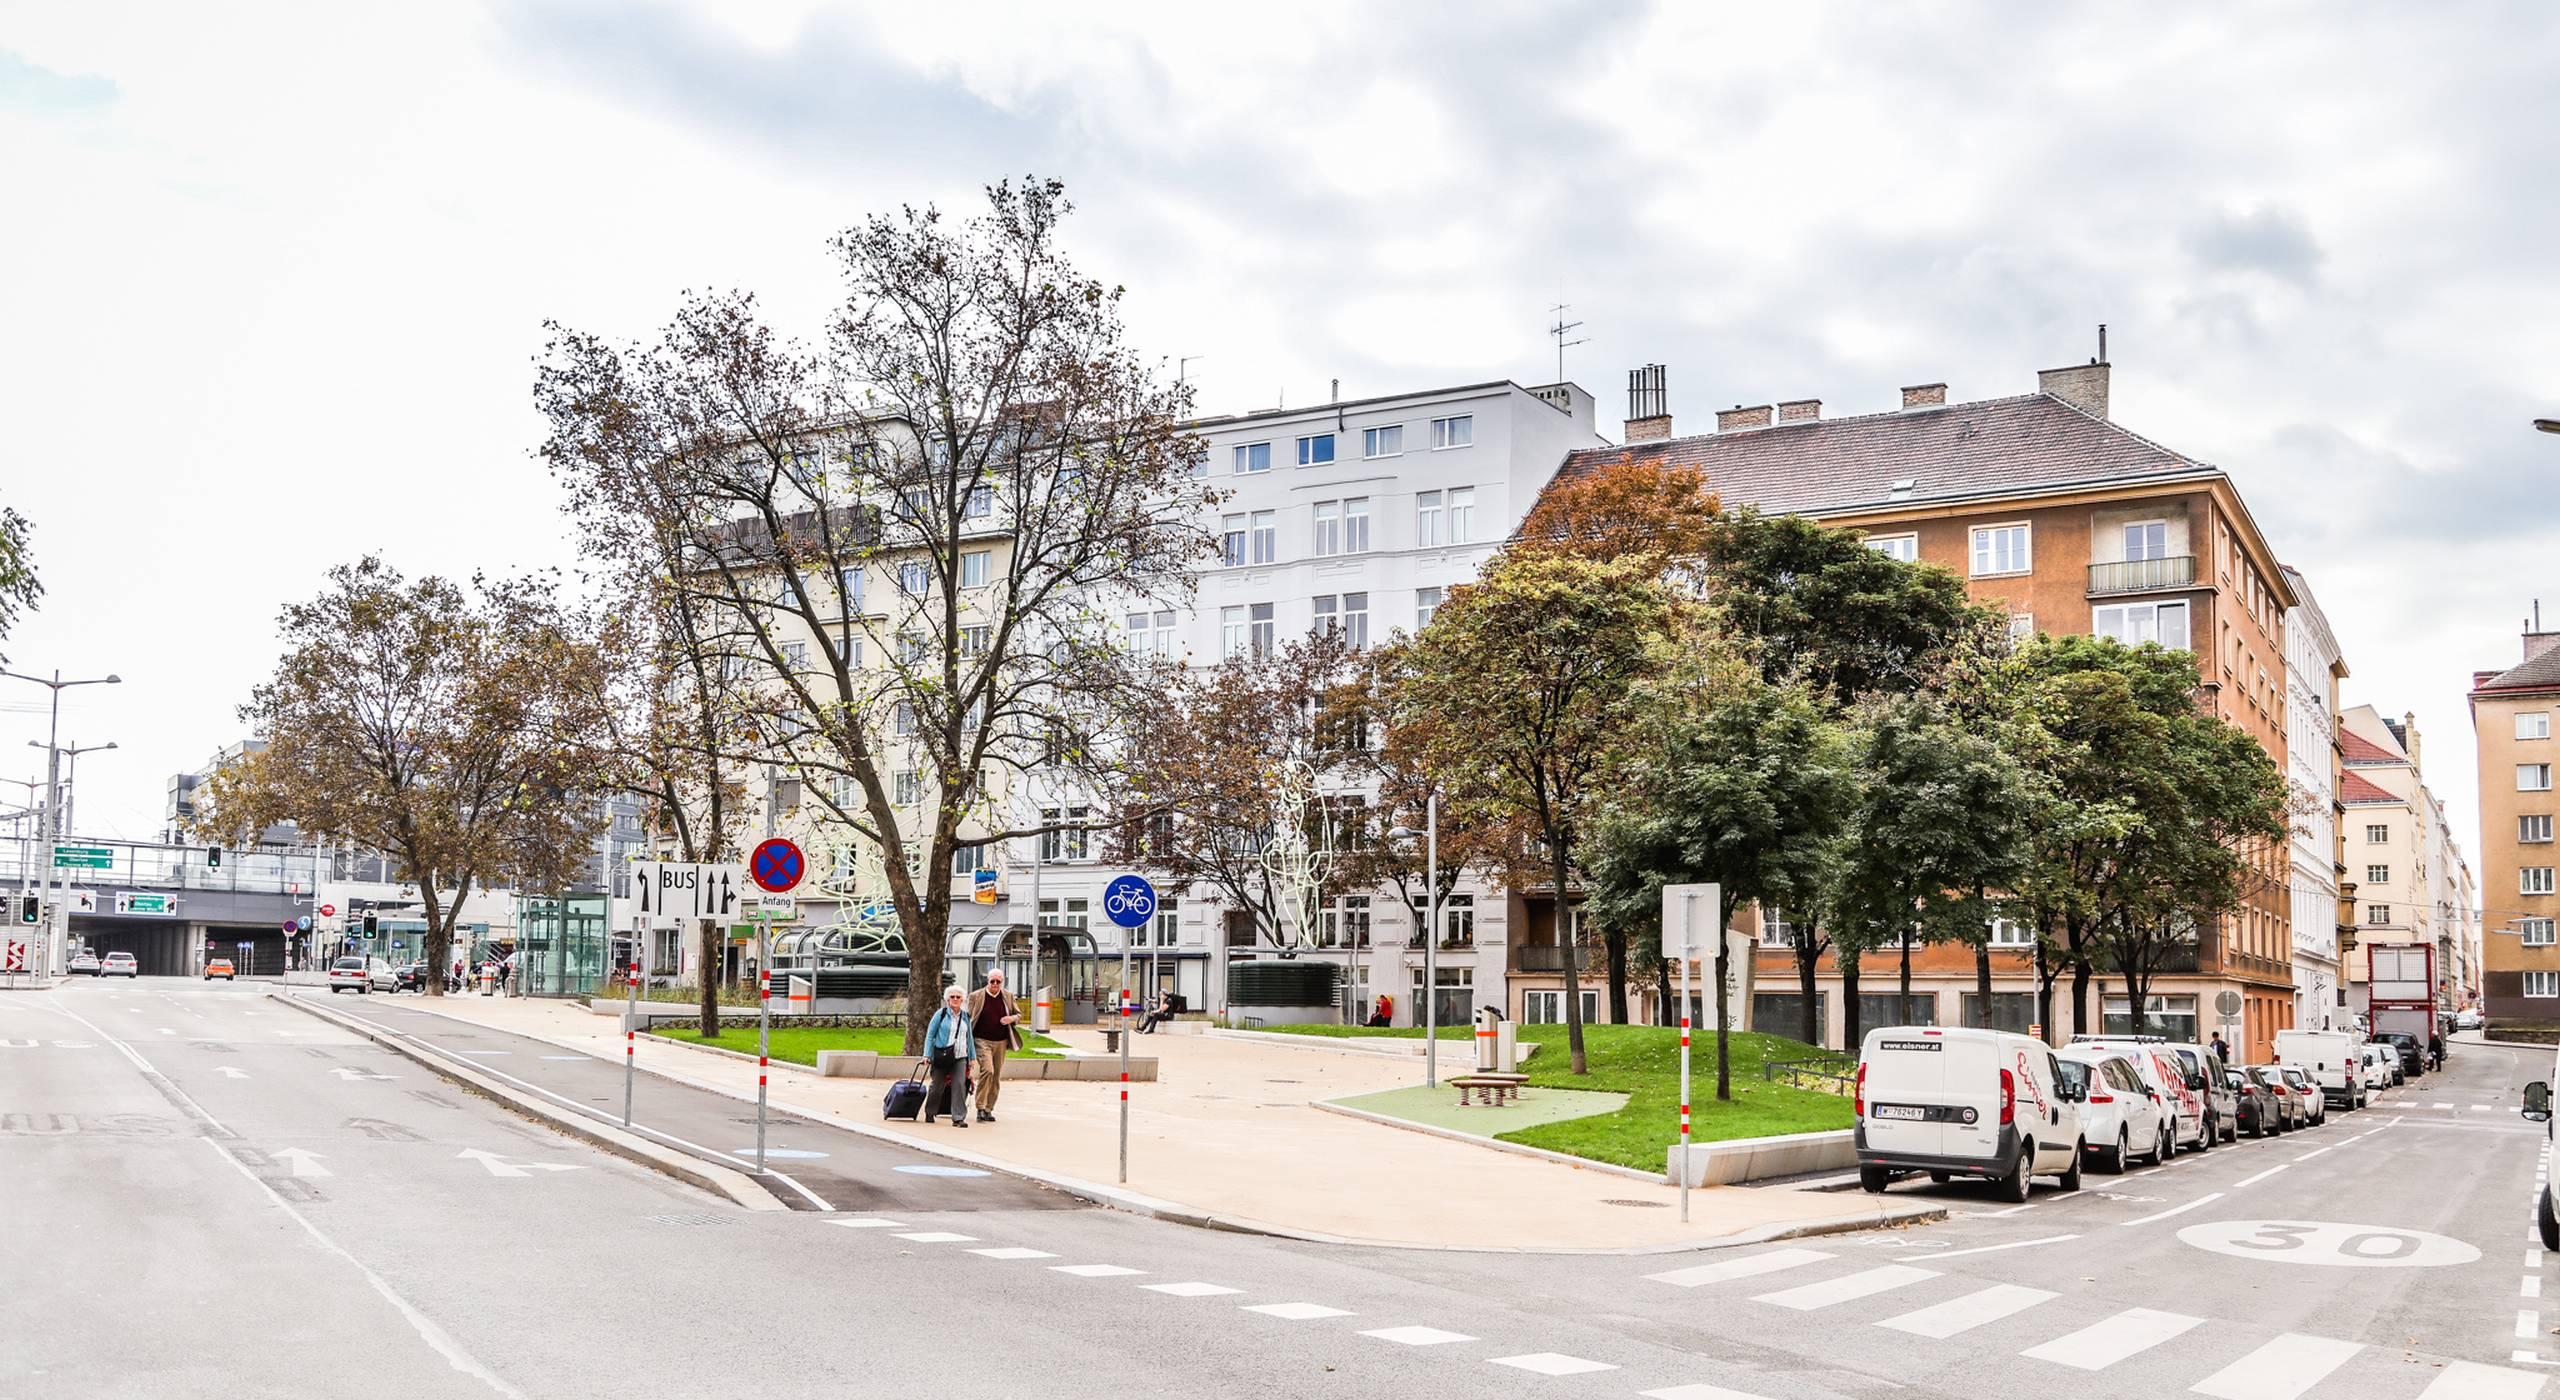 Grünflächen, Sitzbänke und Trinkbrunnen sorgen am Südtiroler Platz f+ür mehr Aufenthaltsqualität. Foto: Christian Fürthner